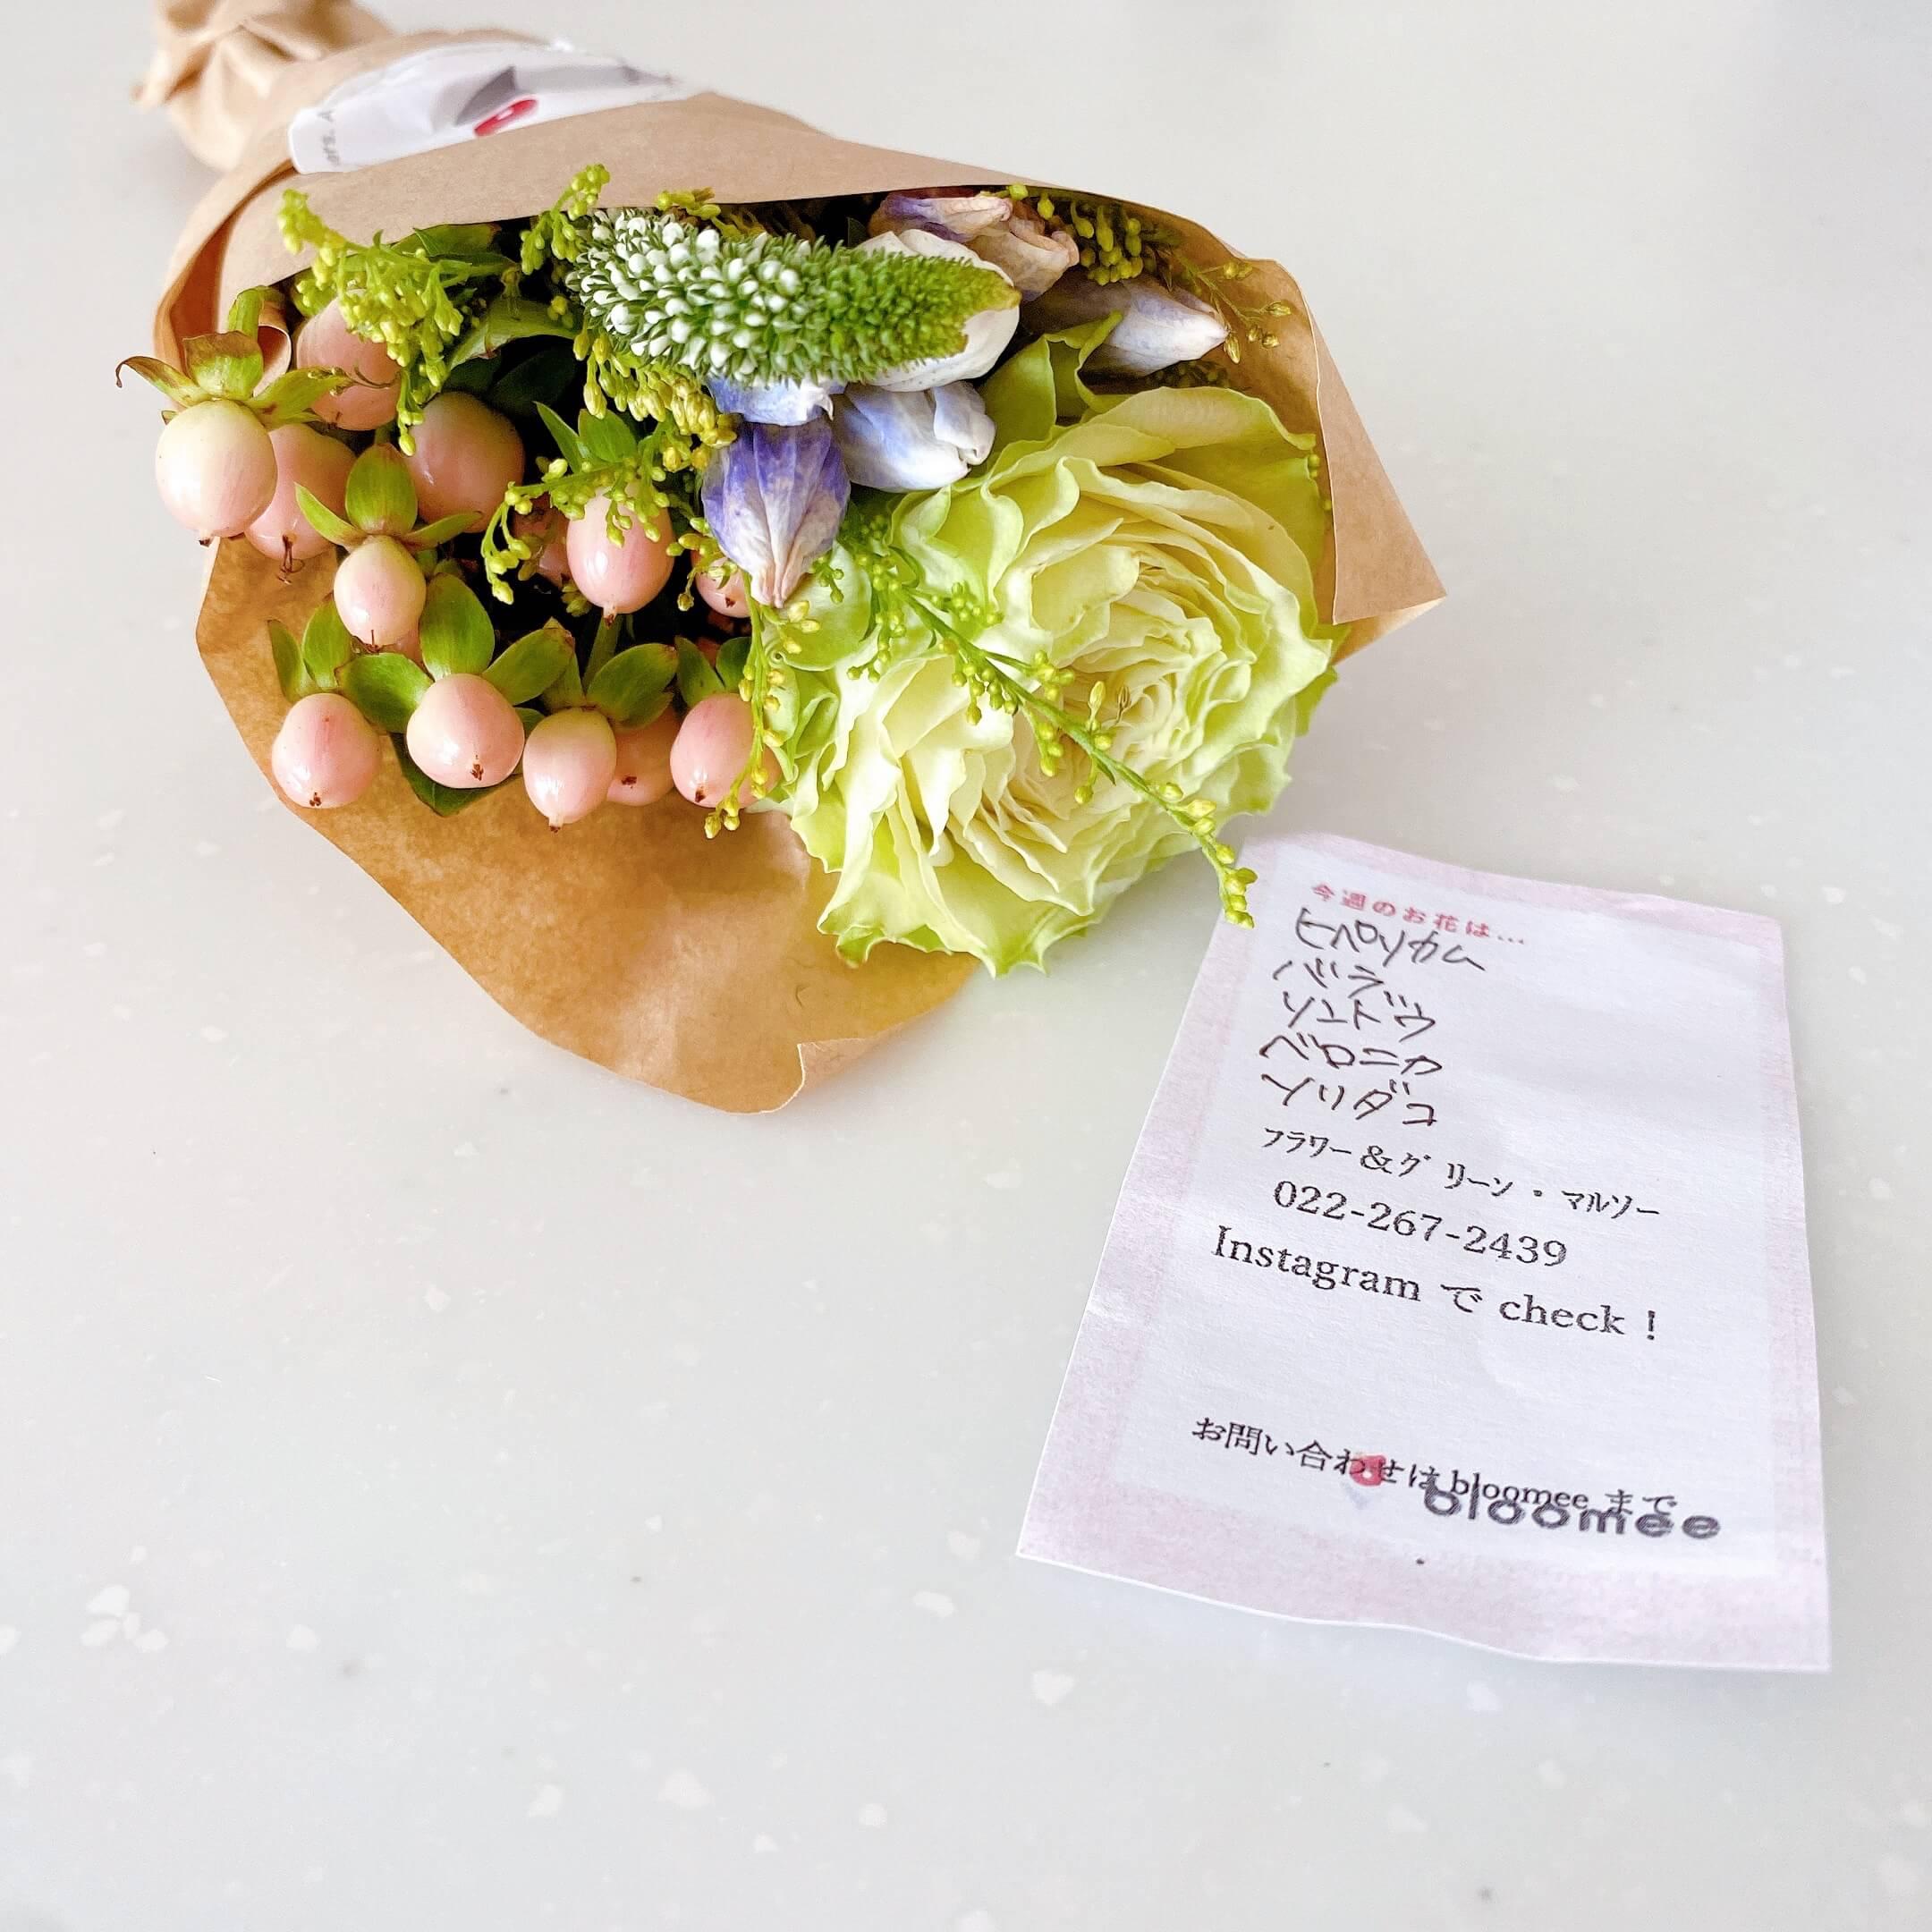 ブルーミーレギュラープランで届いたお花の種類説明メモ